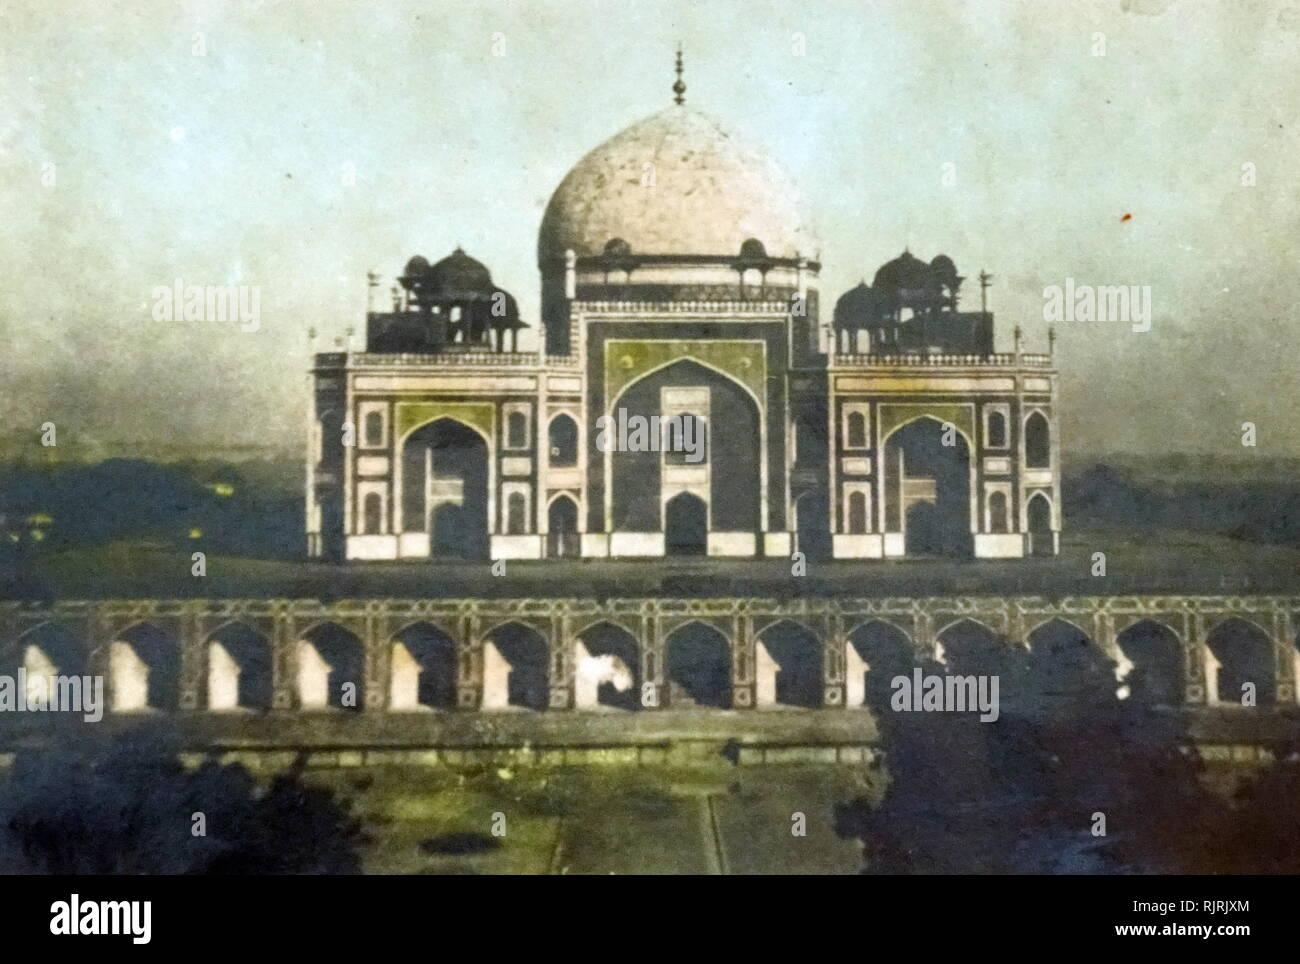 La tomba di Humayun (Maqbaera e Humayun) è la tomba dell'imperatore Mughal Humayun a Delhi, India. La tomba era stata commissionata da Humayun prima moglie e chief consorte, Imperatrice Bega iniziata nel 1569-70 e progettato da Mirak Mirza Ghiyas e suo figlio, Muhammad Sayyid. È stato il primo giardino-tomba sul subcontinente indiano e si trova a est Nizamuddin, Delhi, India. Immagini Stock